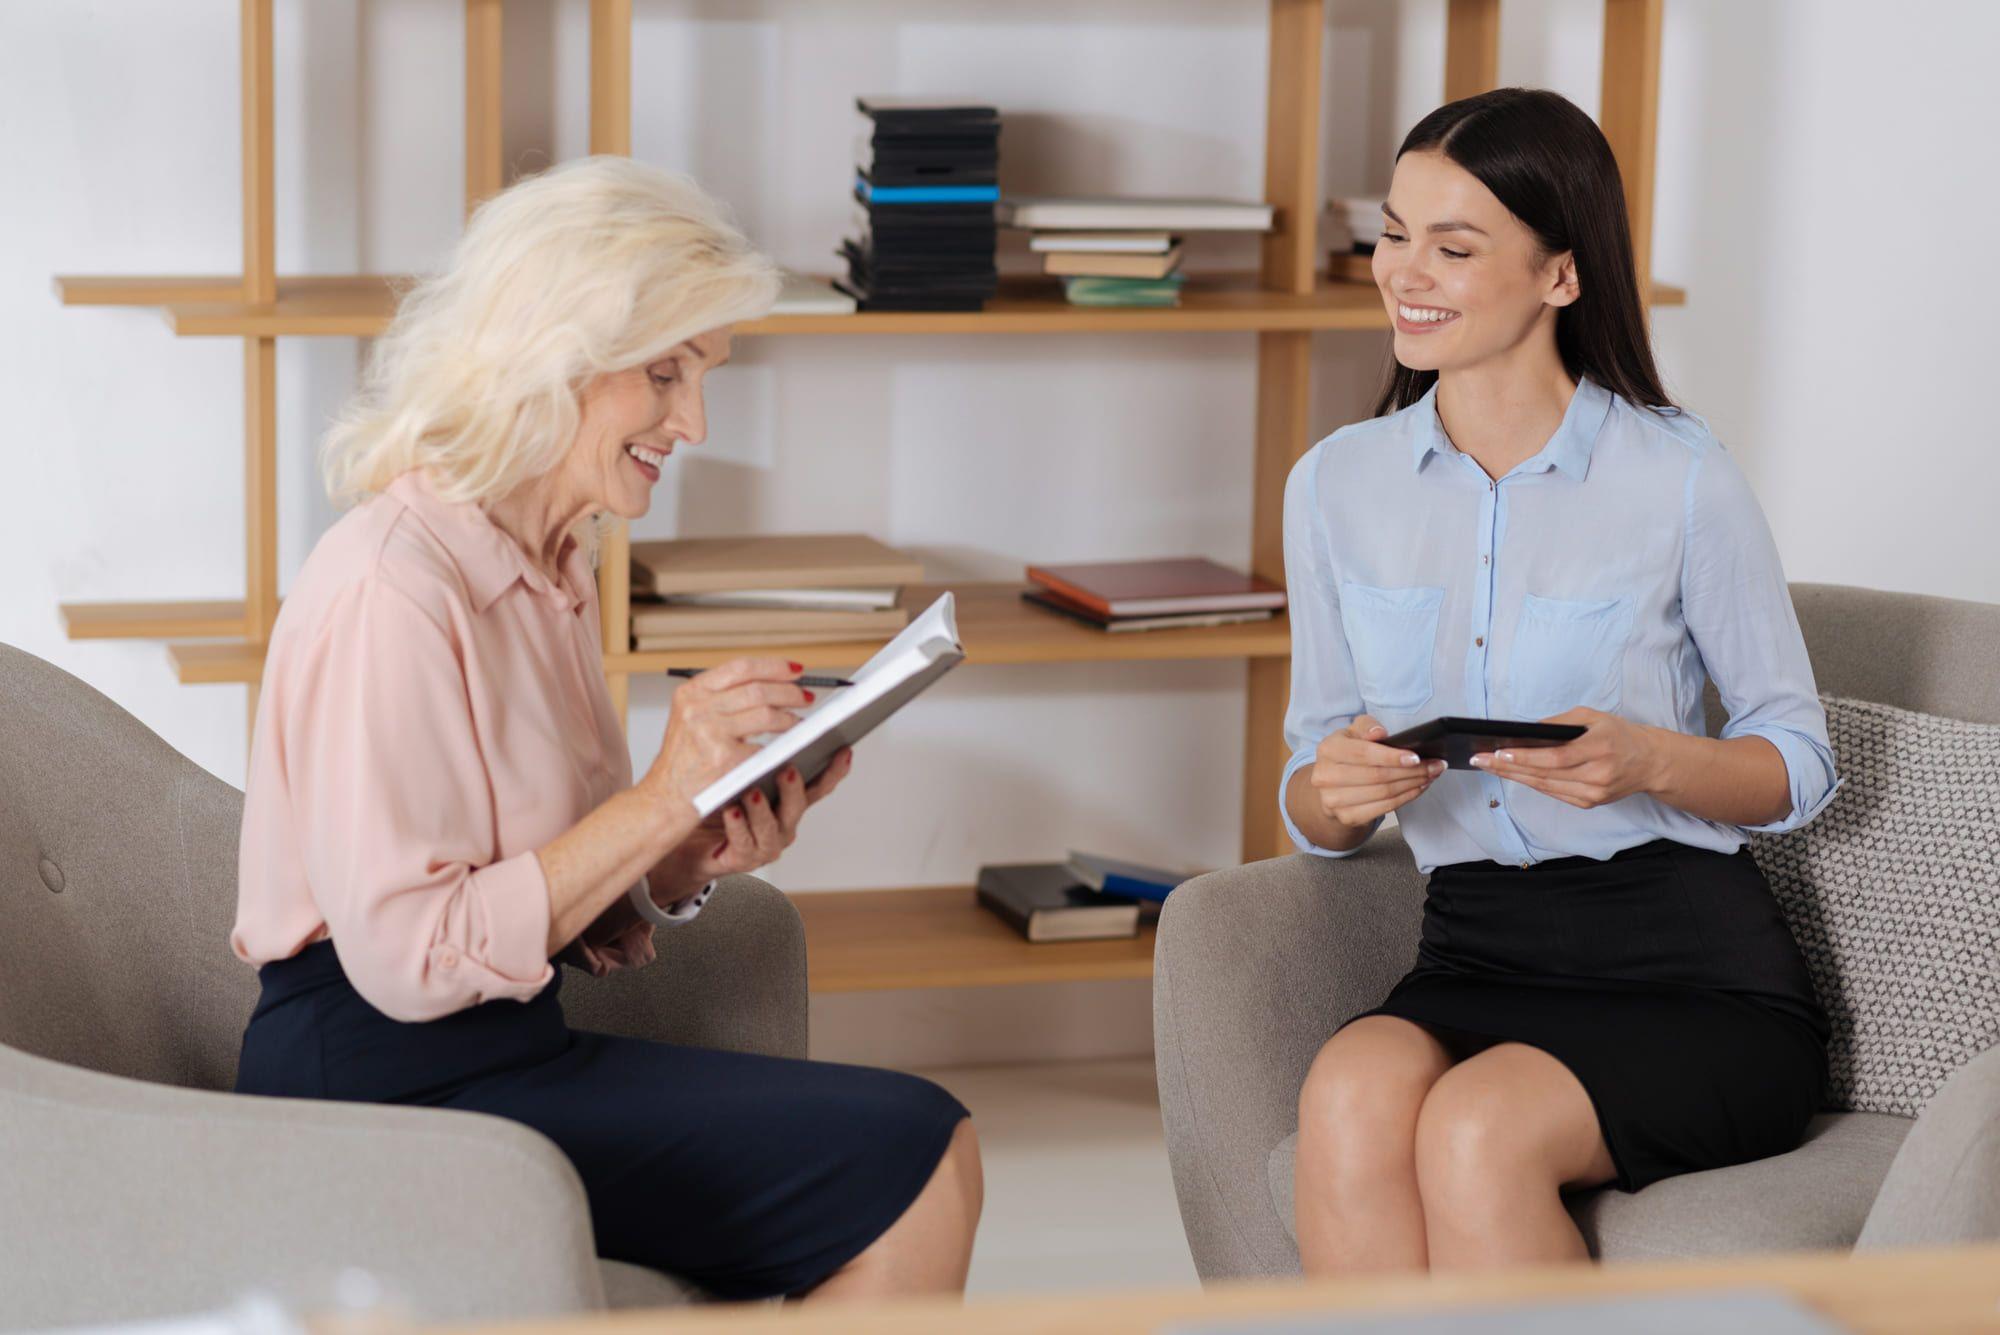 法人カード使用者の退職時手続き方法と切り替えにおすすめなカード3選